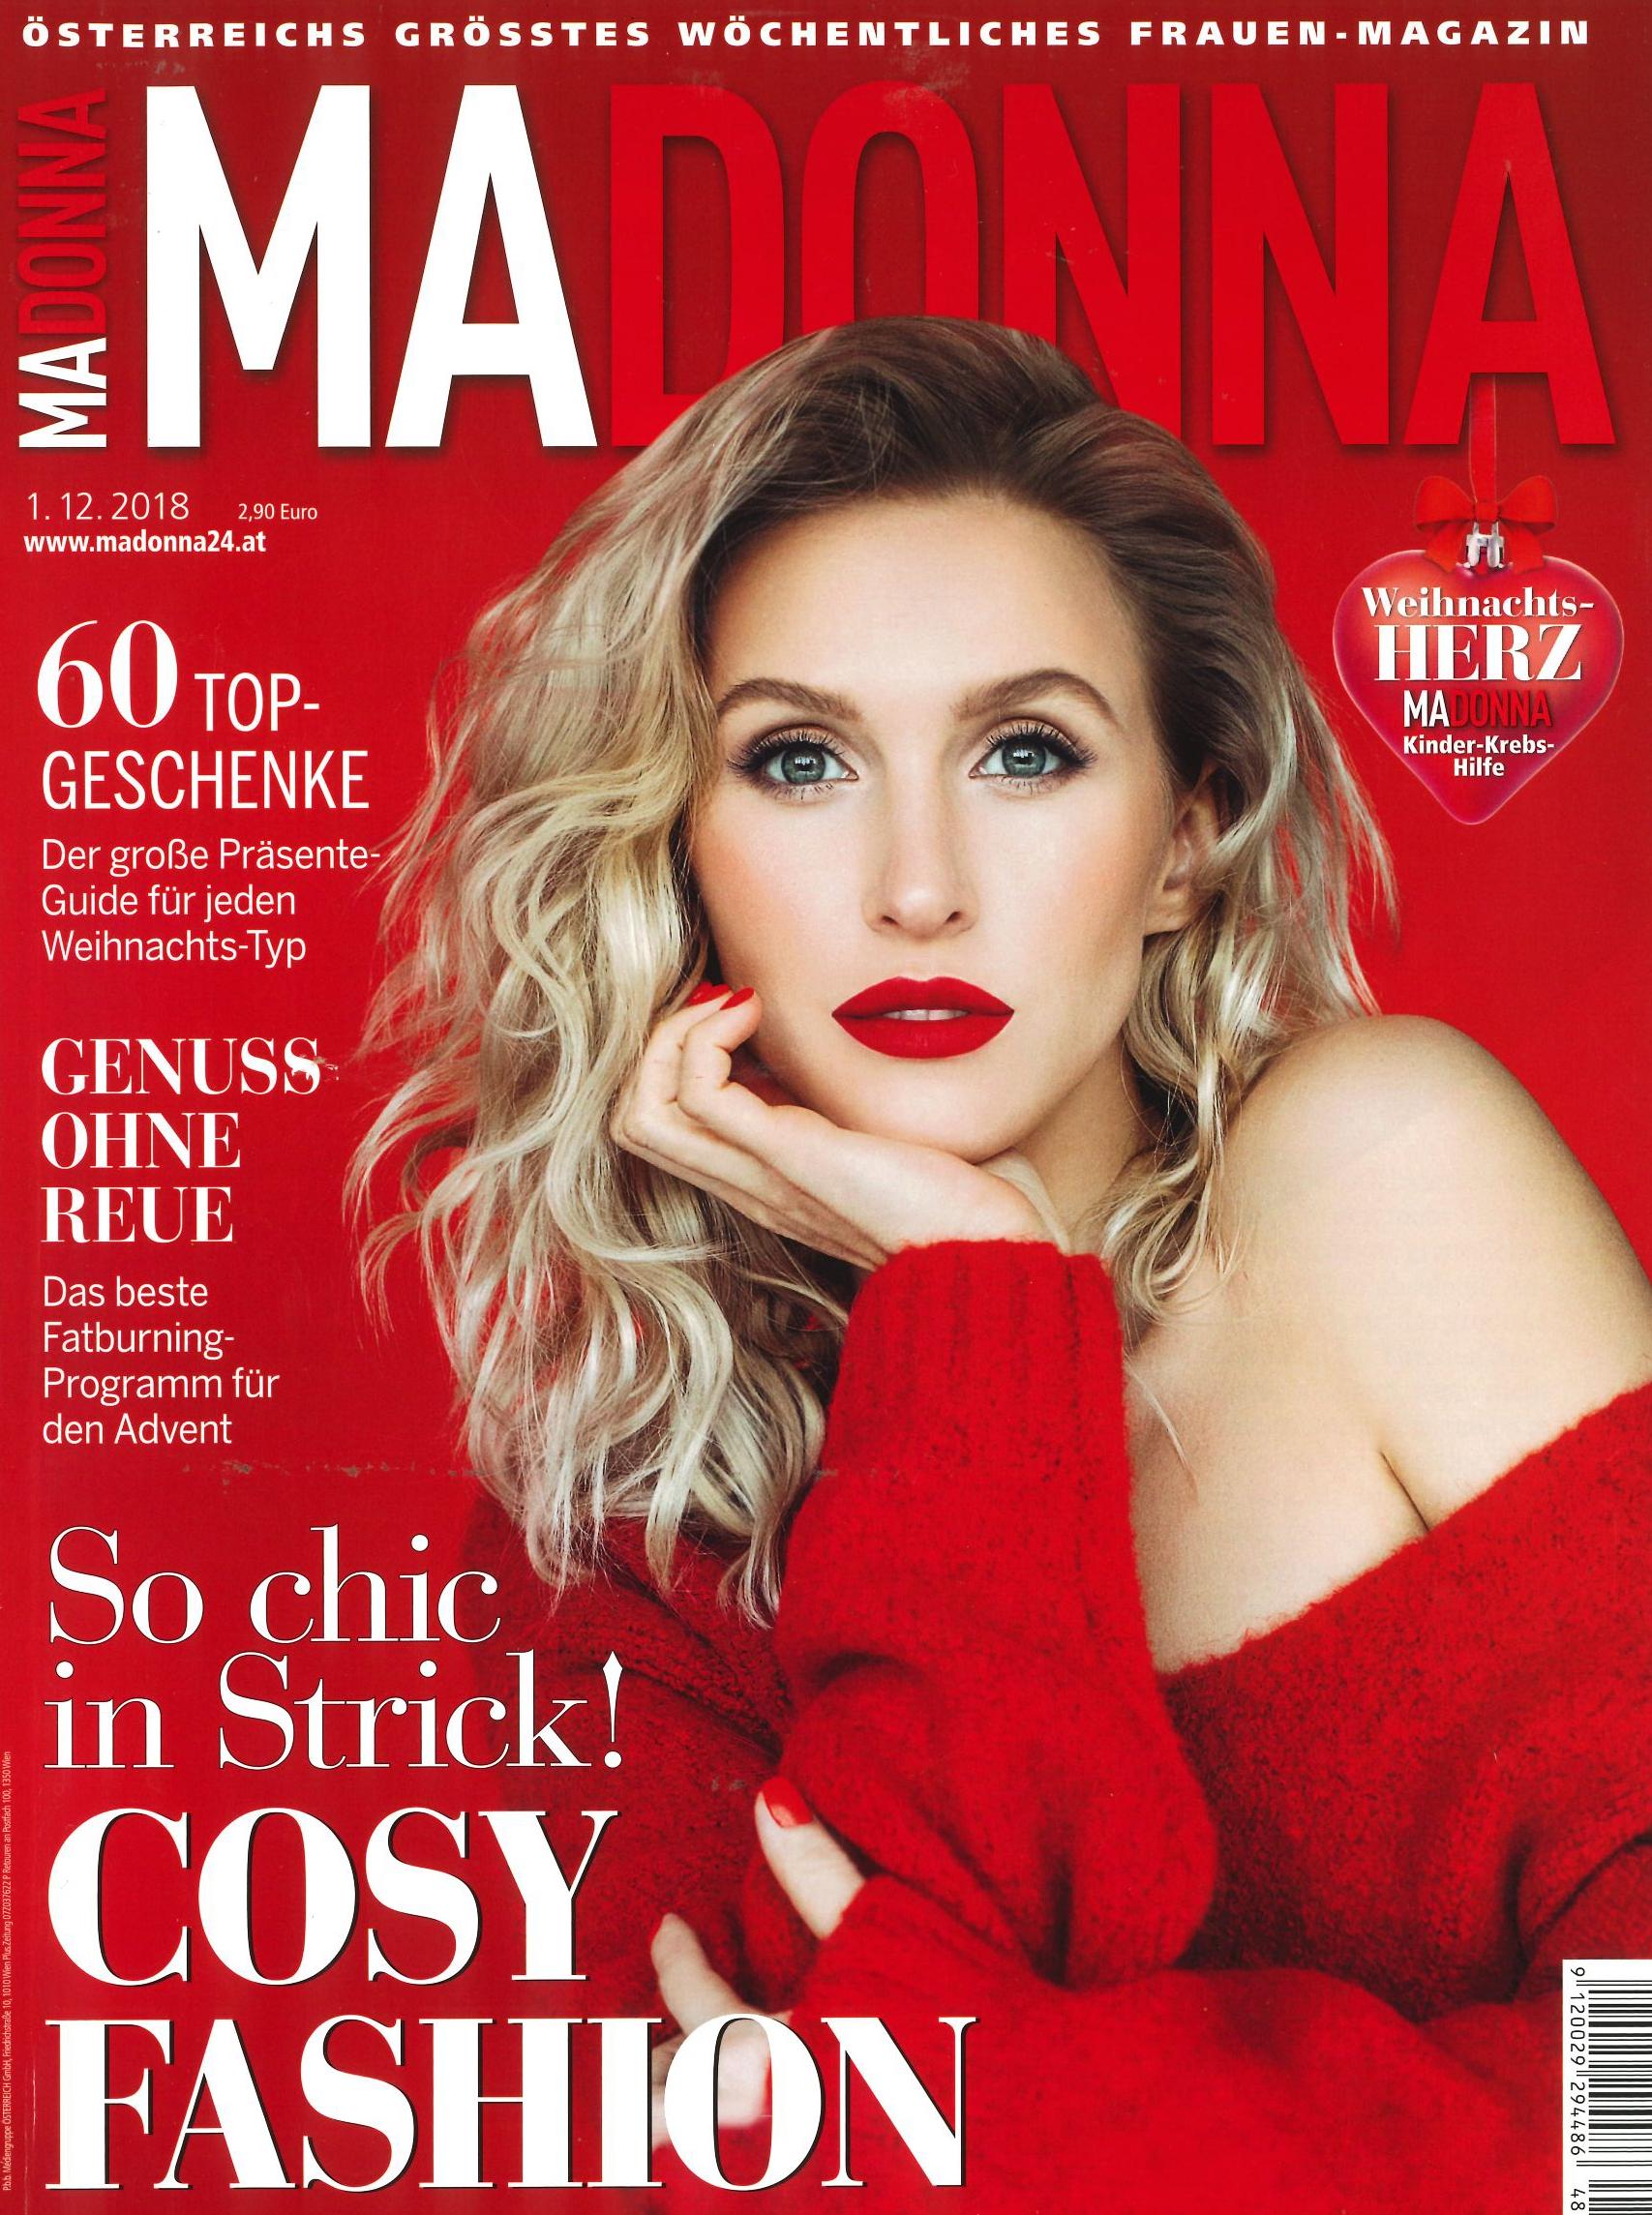 Anti-Age Behandlungen für ihre Schönheit und ihr Wohlbefinden! Madonna im Dezember 2018